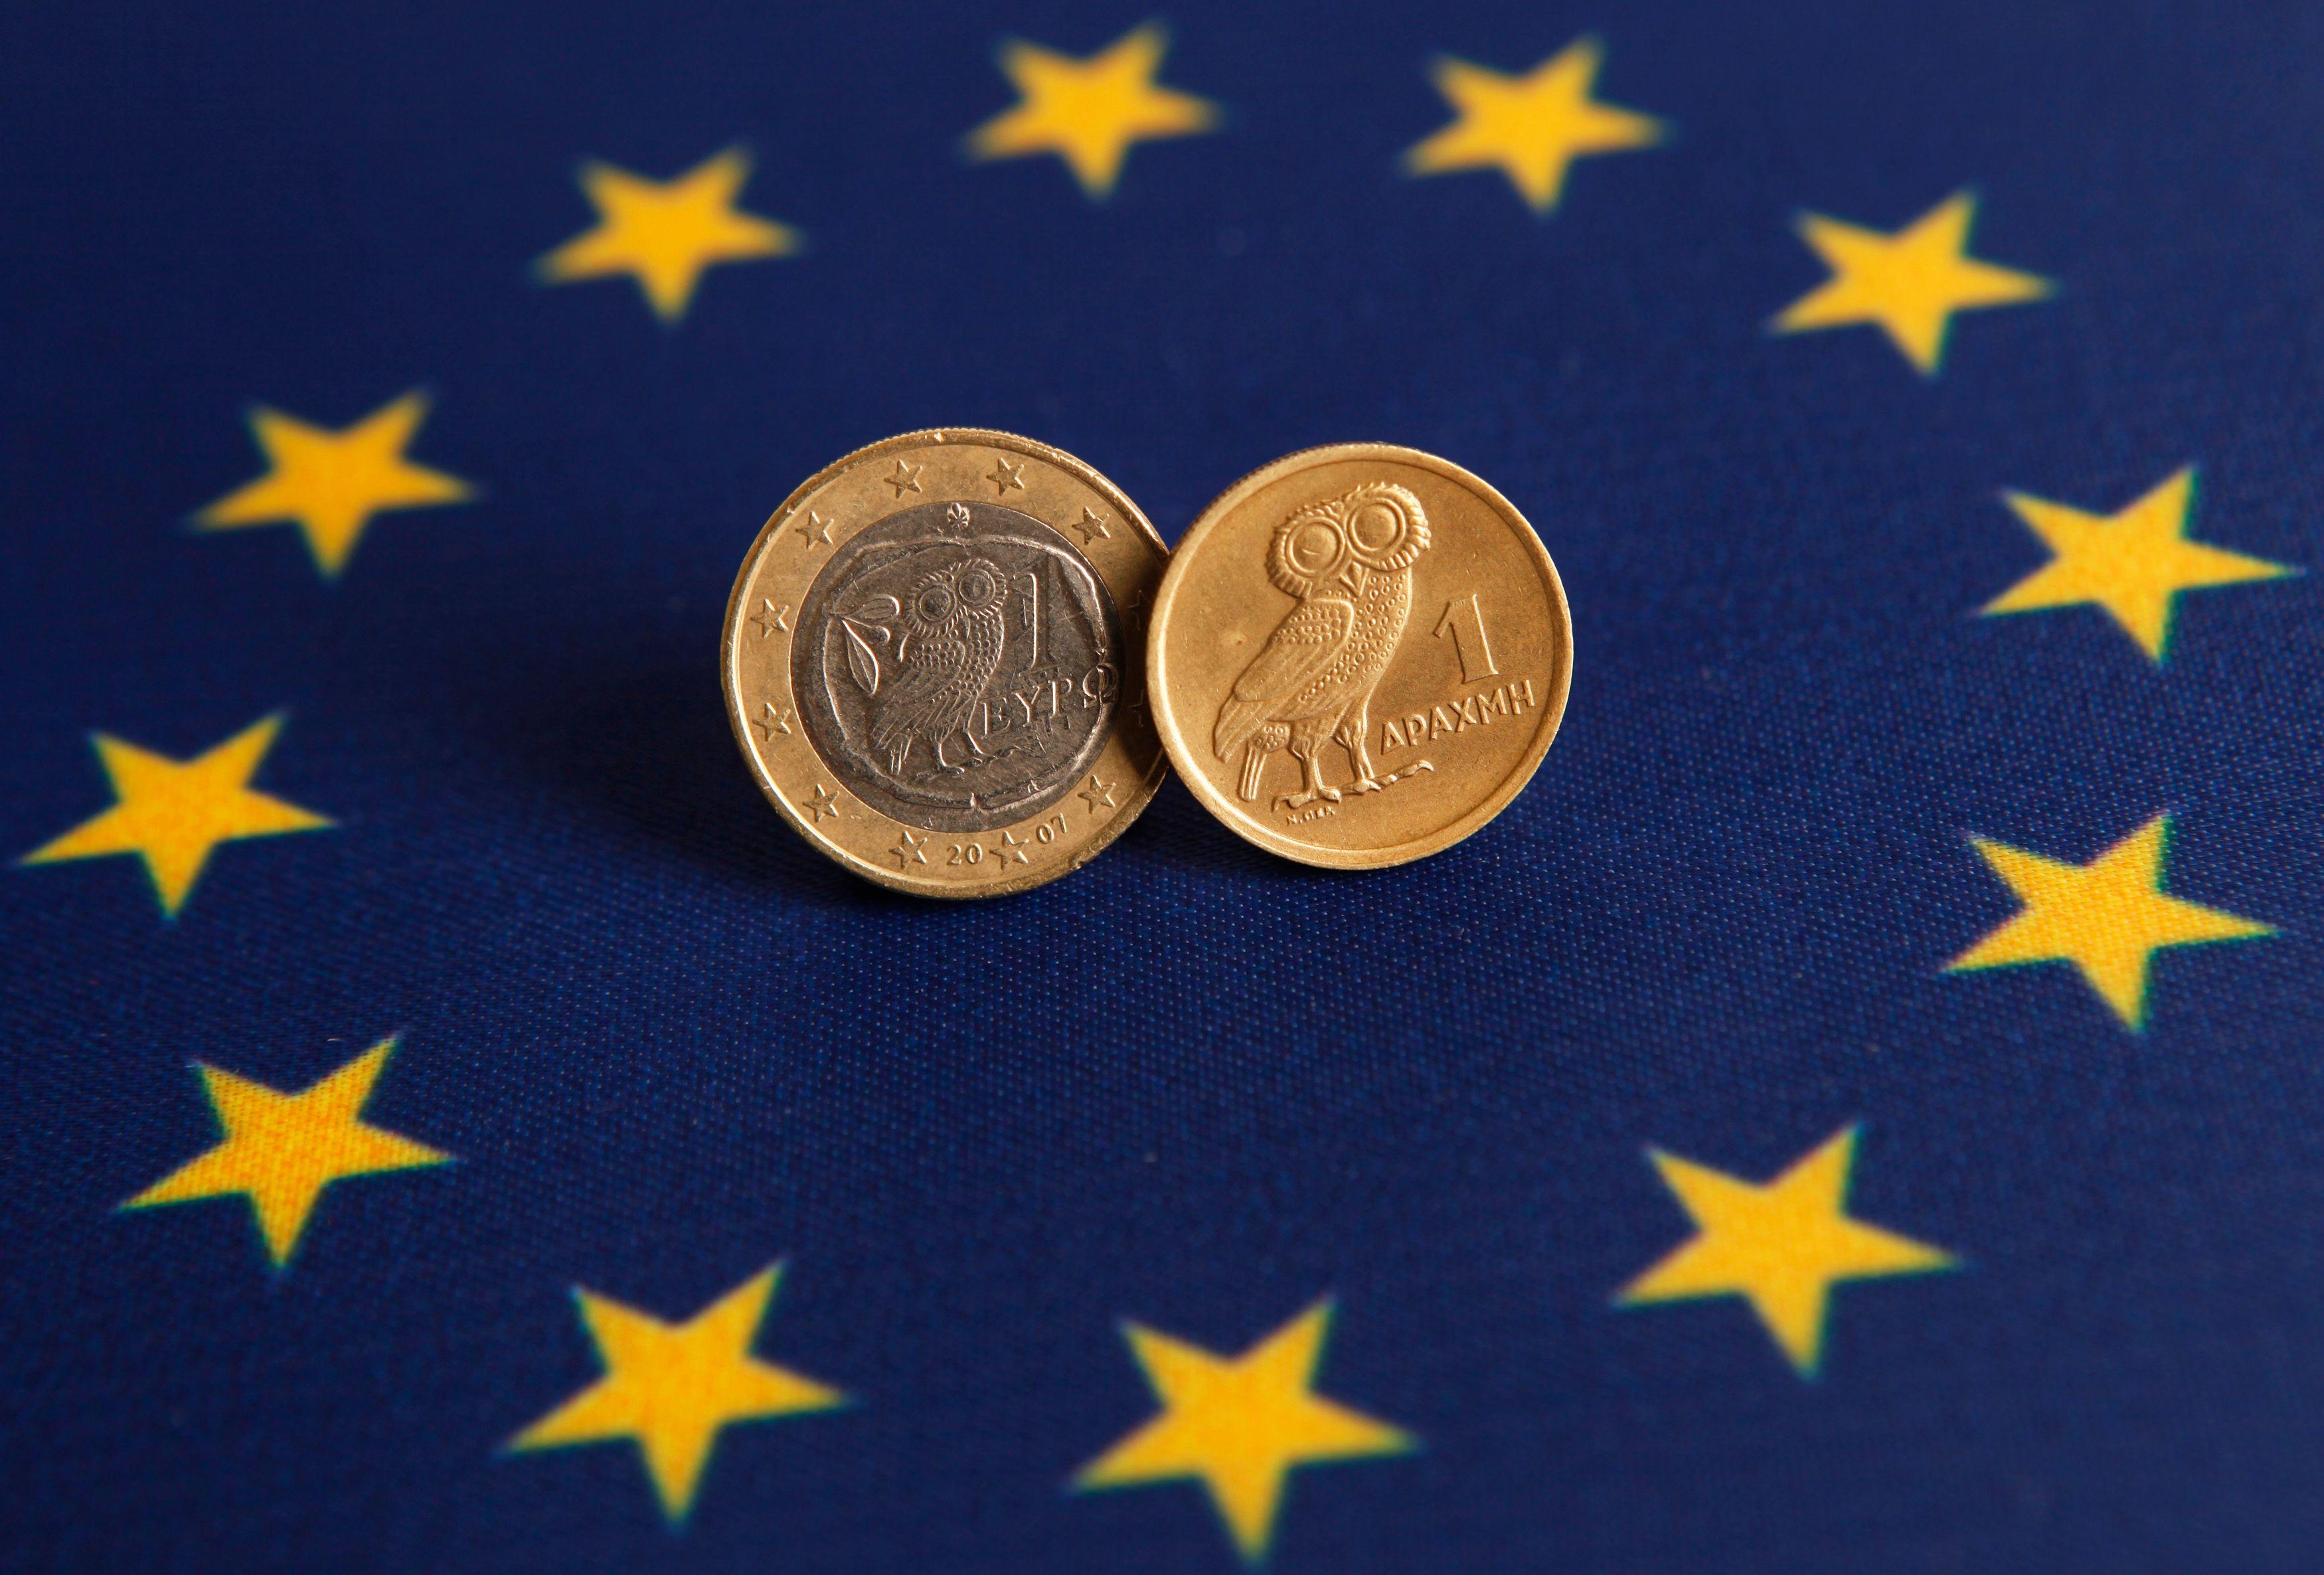 Les agences de notation envisagent de remonter la note d'Athènes: la Grèce est-elle en train de vraiment s'en sortir?